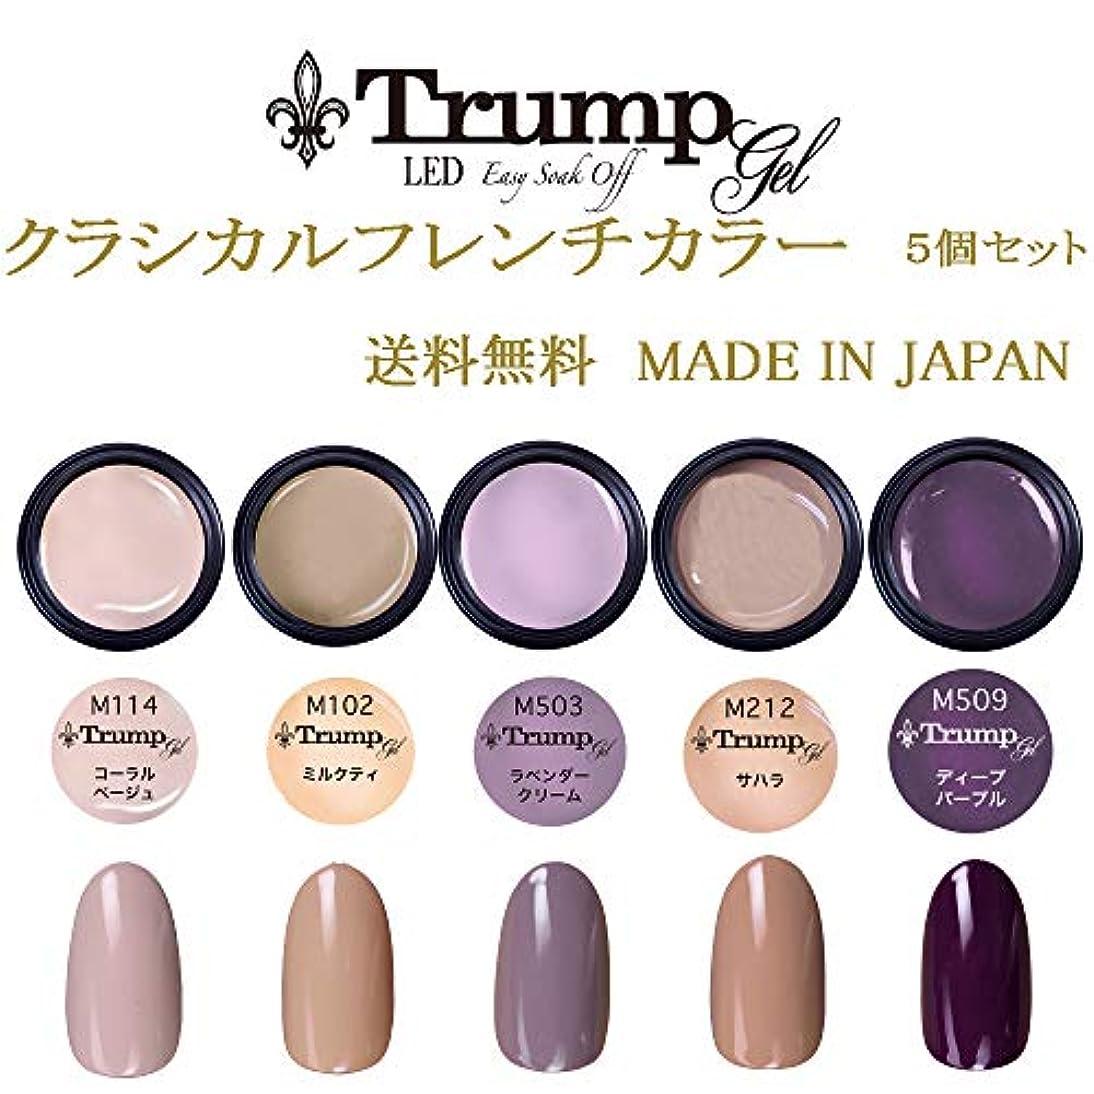 隣接するマラウイ残酷【送料無料】日本製 Trump gel トランプジェル クラシカルフレンチカラージェル 5個セット スタイリッシュでオシャレな 白べっ甲カラージェルセット